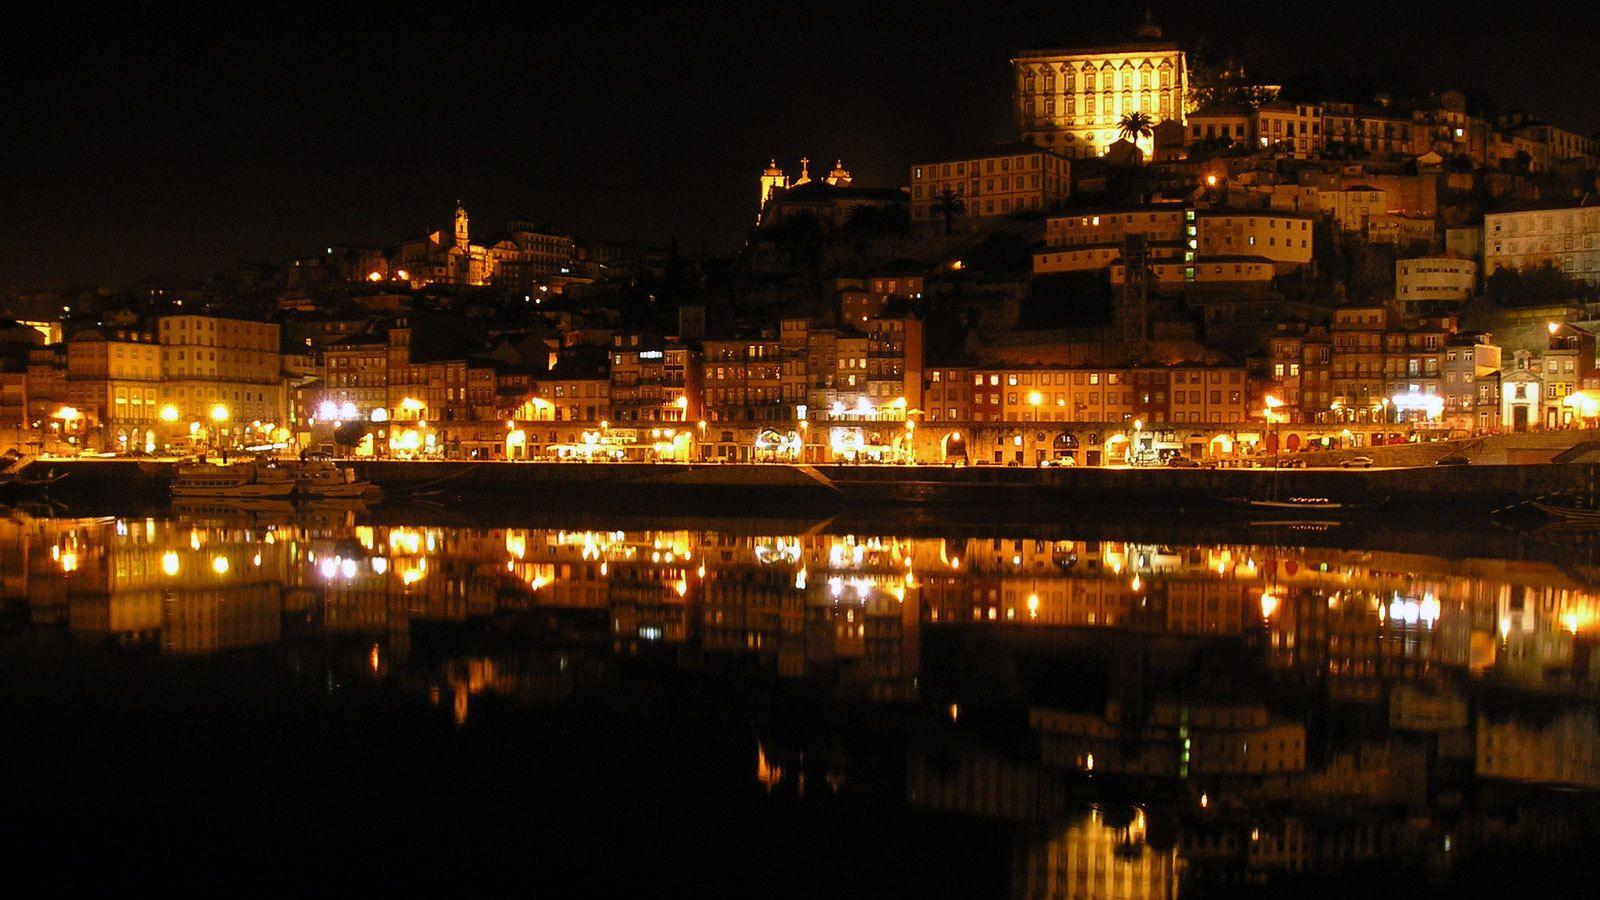 Öinen kaupunki, fado-esitys ja illallinen